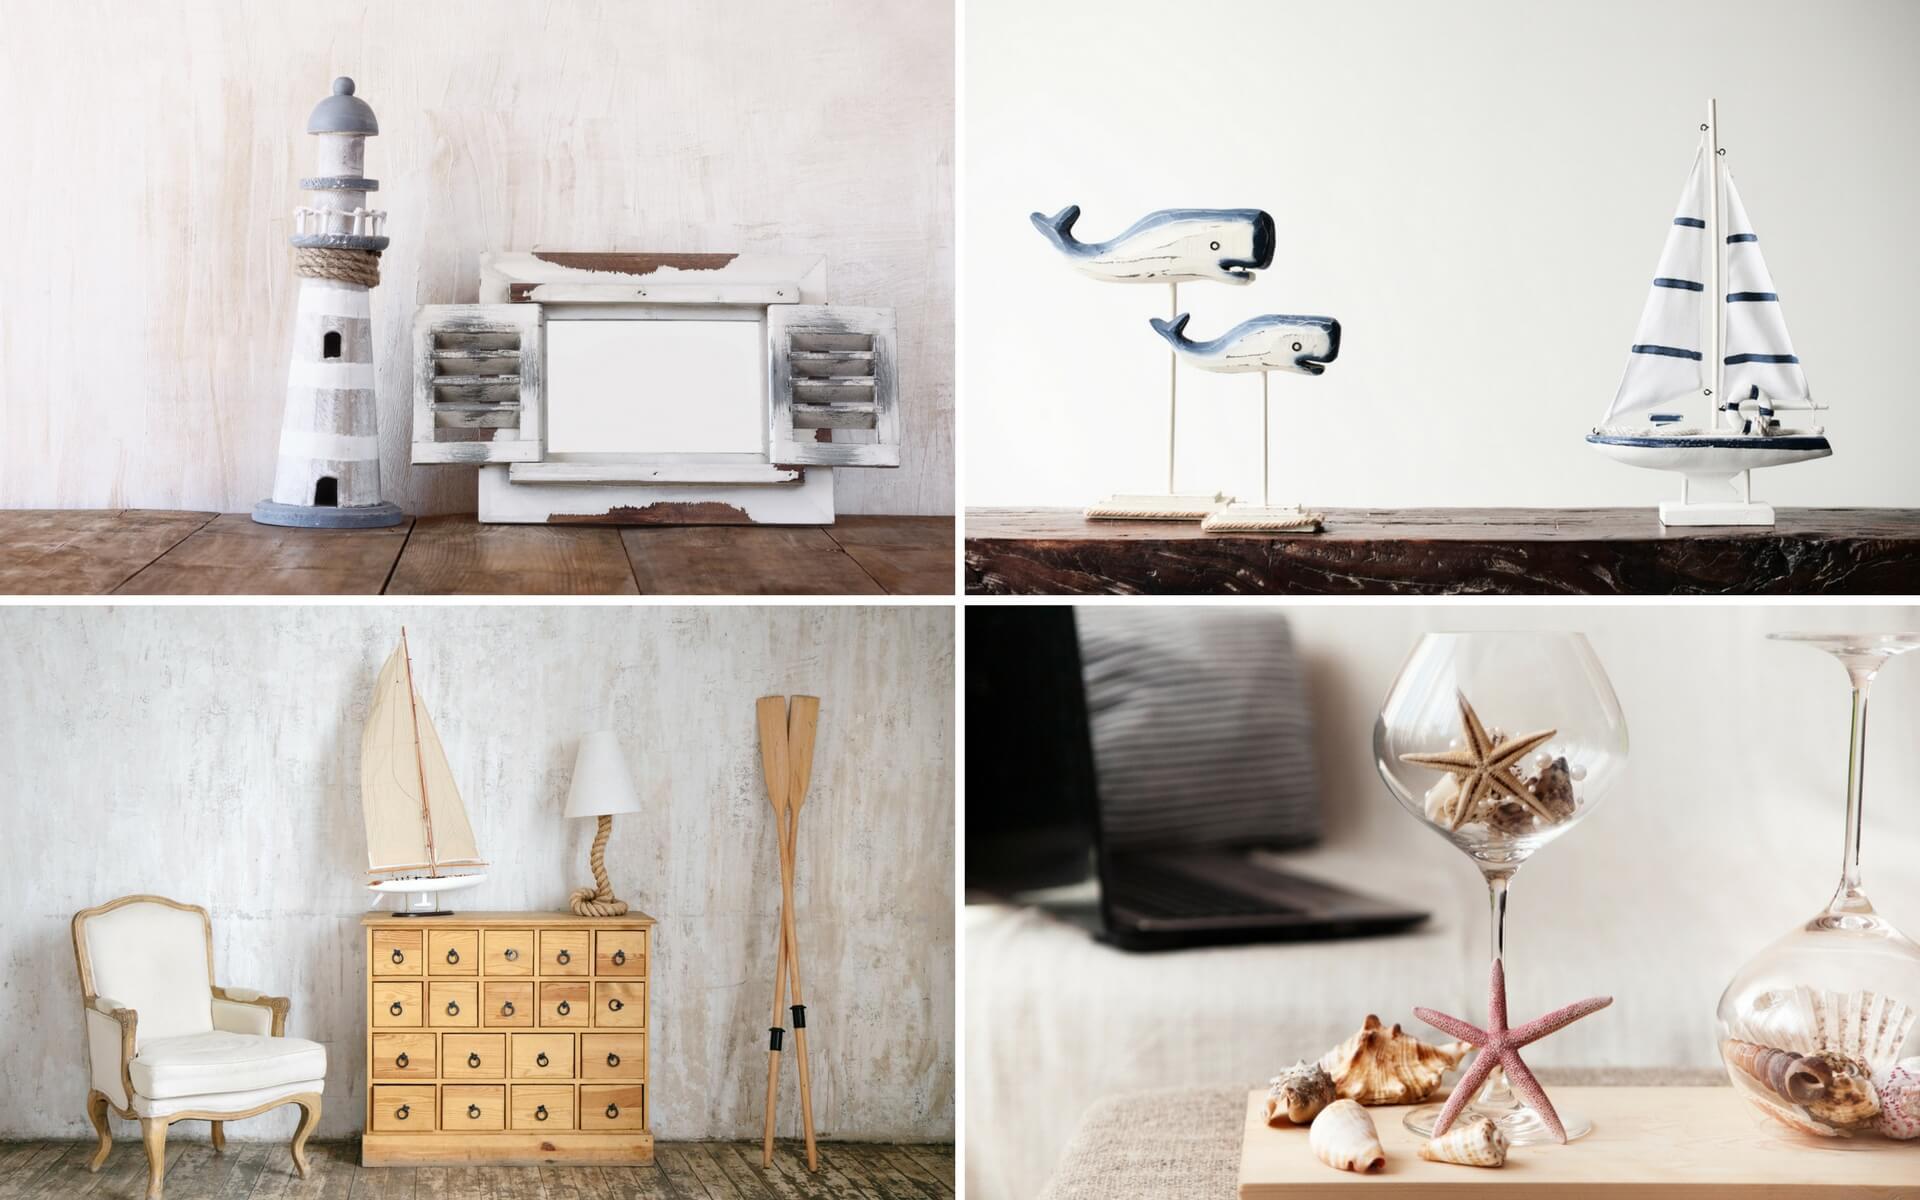 Letto Stile Marina - Design Per La Casa Moderna - Ltay.net